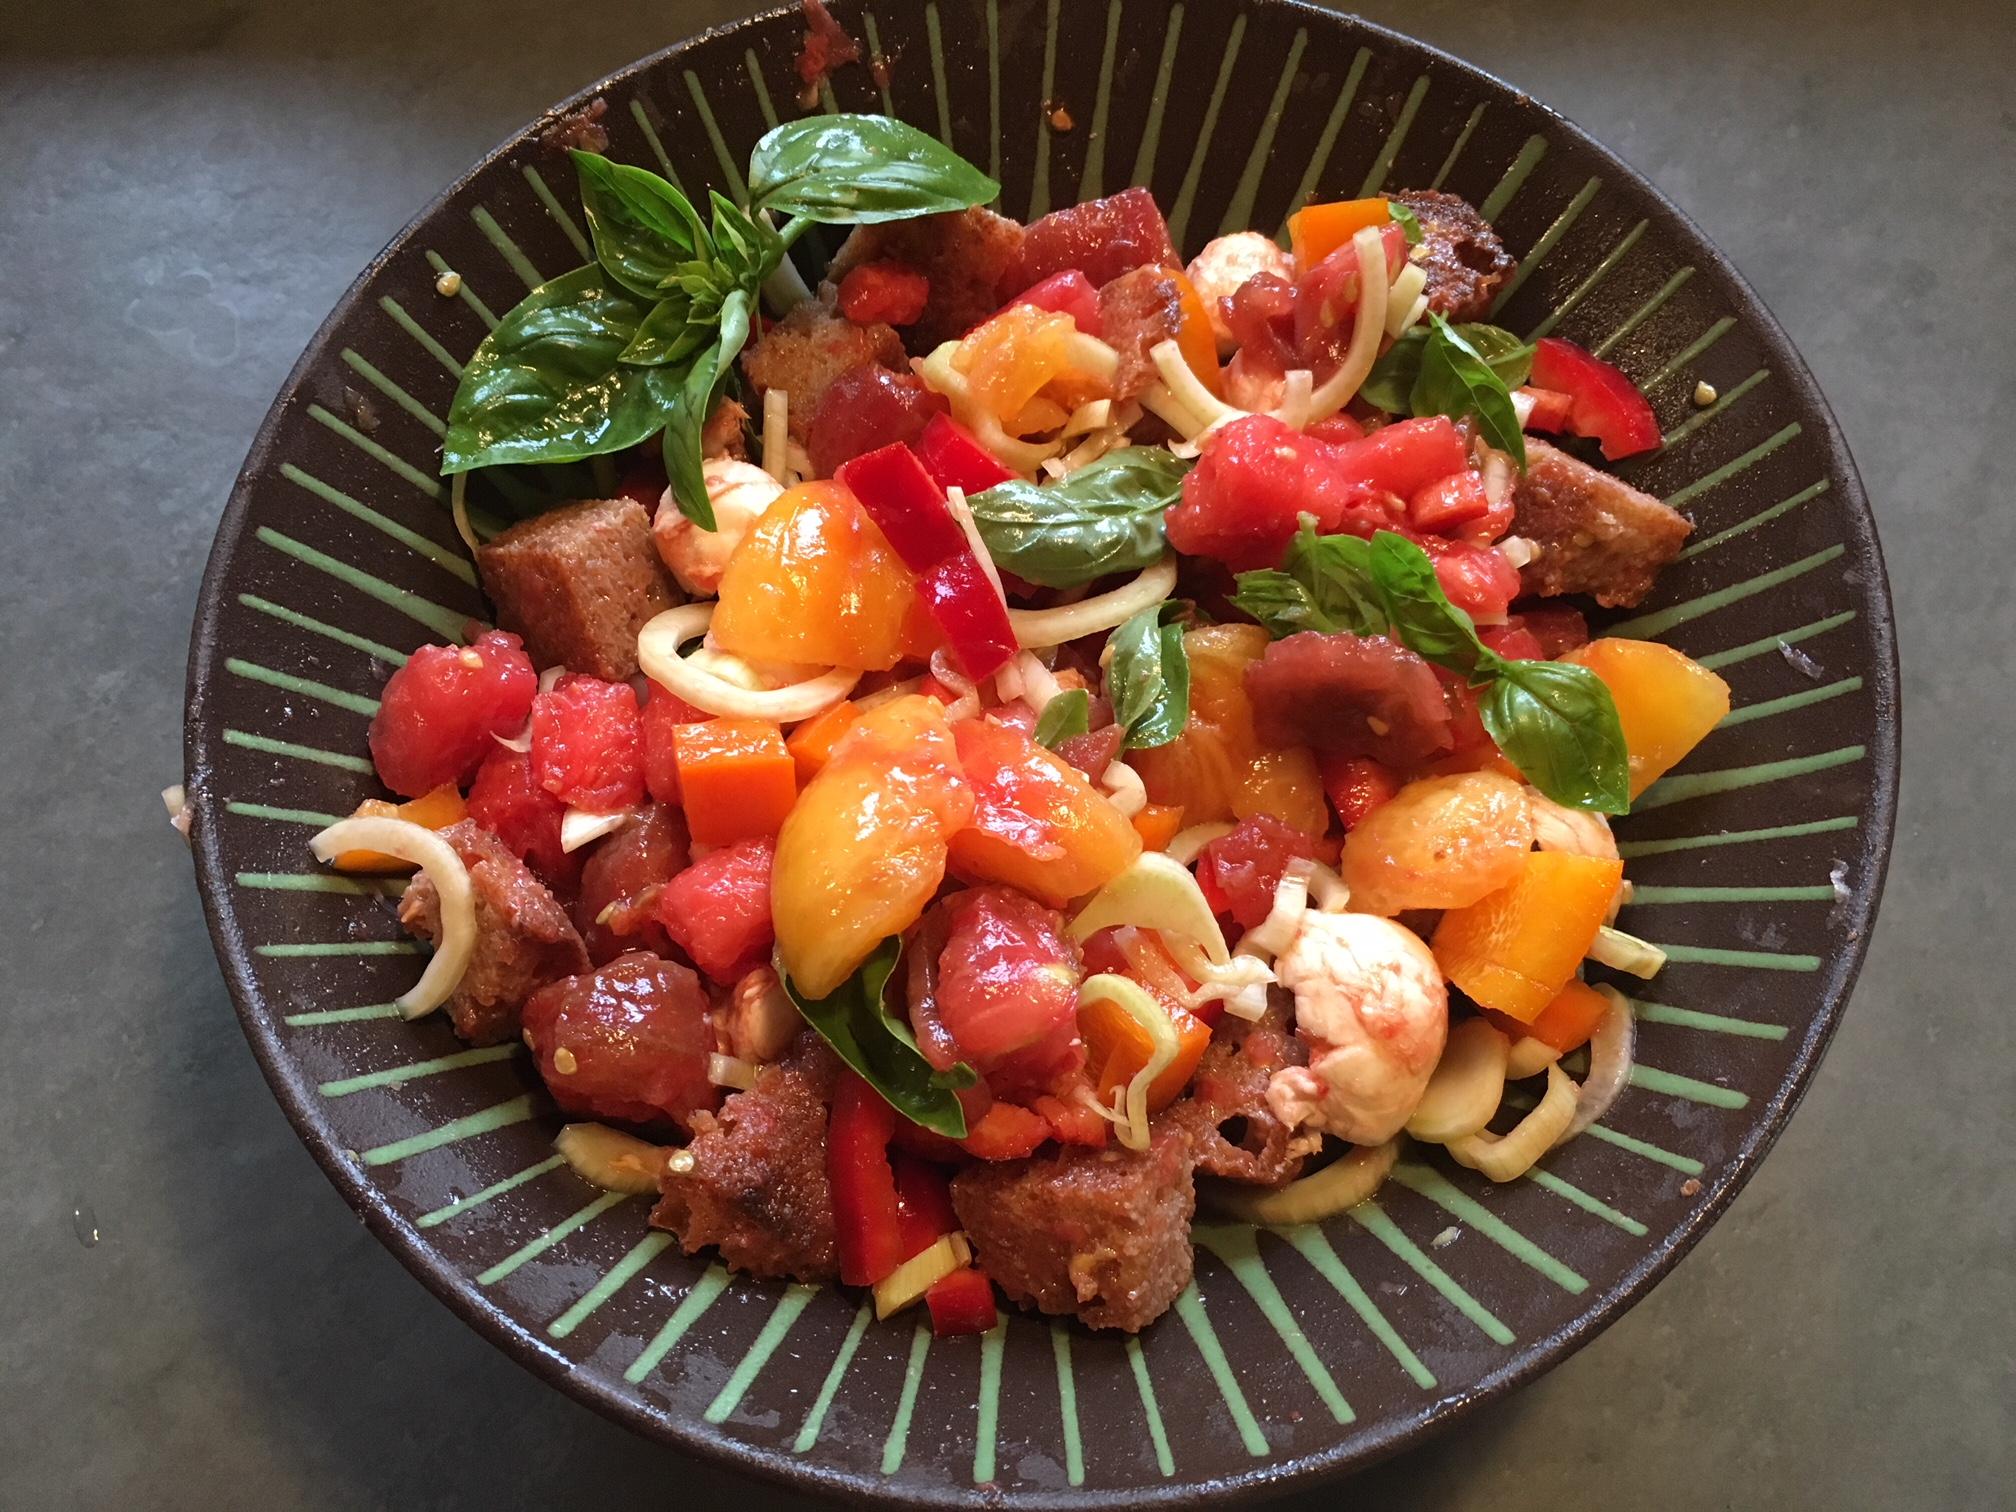 Tomato bread salad 8:18